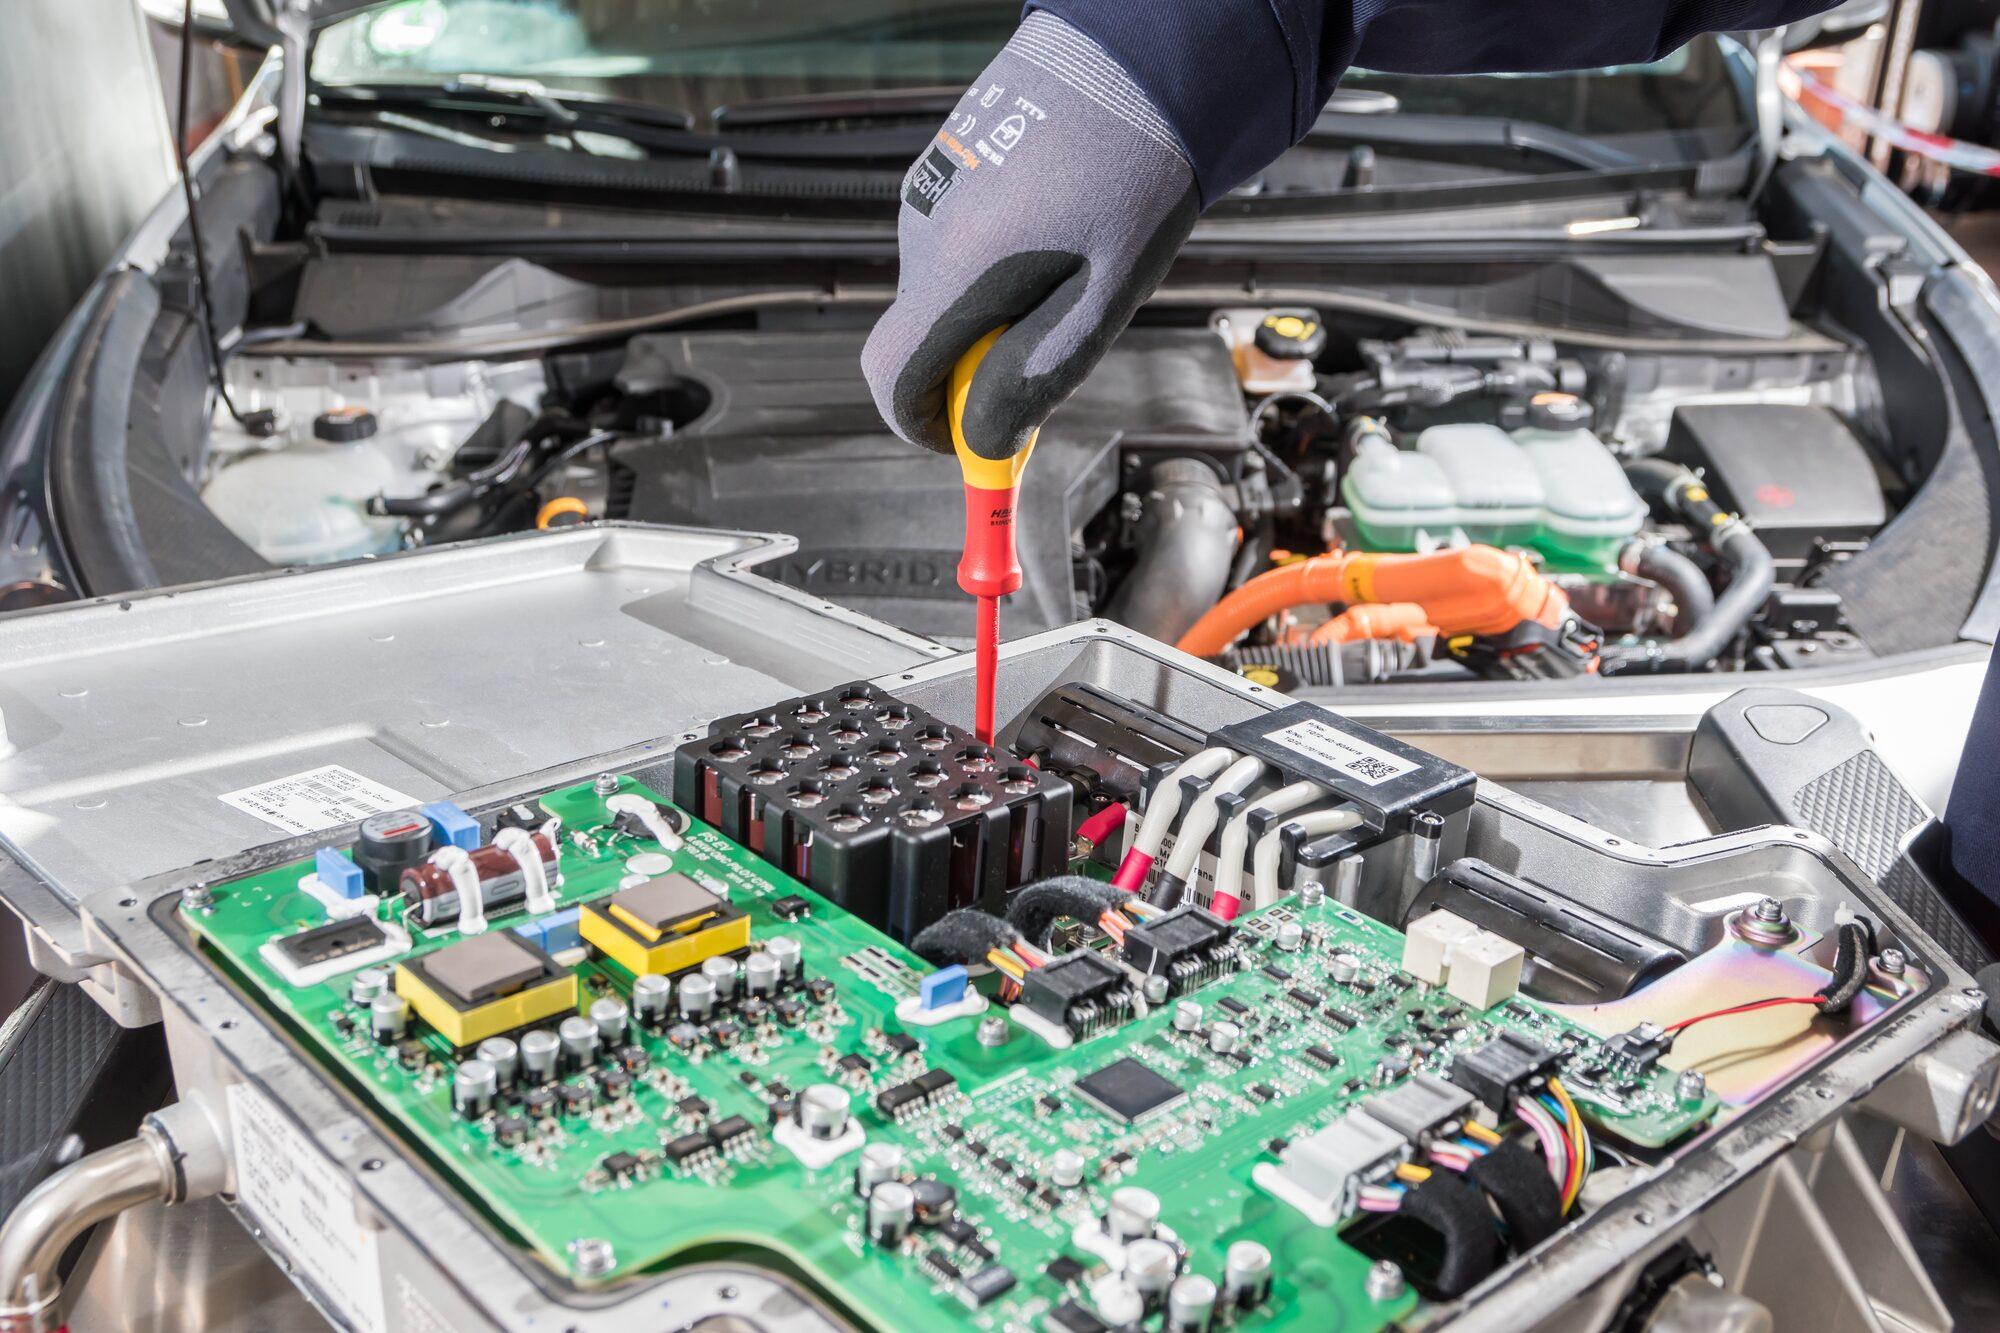 HAZET Elektriker-Schraubendreher ∙ schutzisoliert 810VDE-25 ∙ Schlitz Profil ∙ 0.4 x 2.5 mm